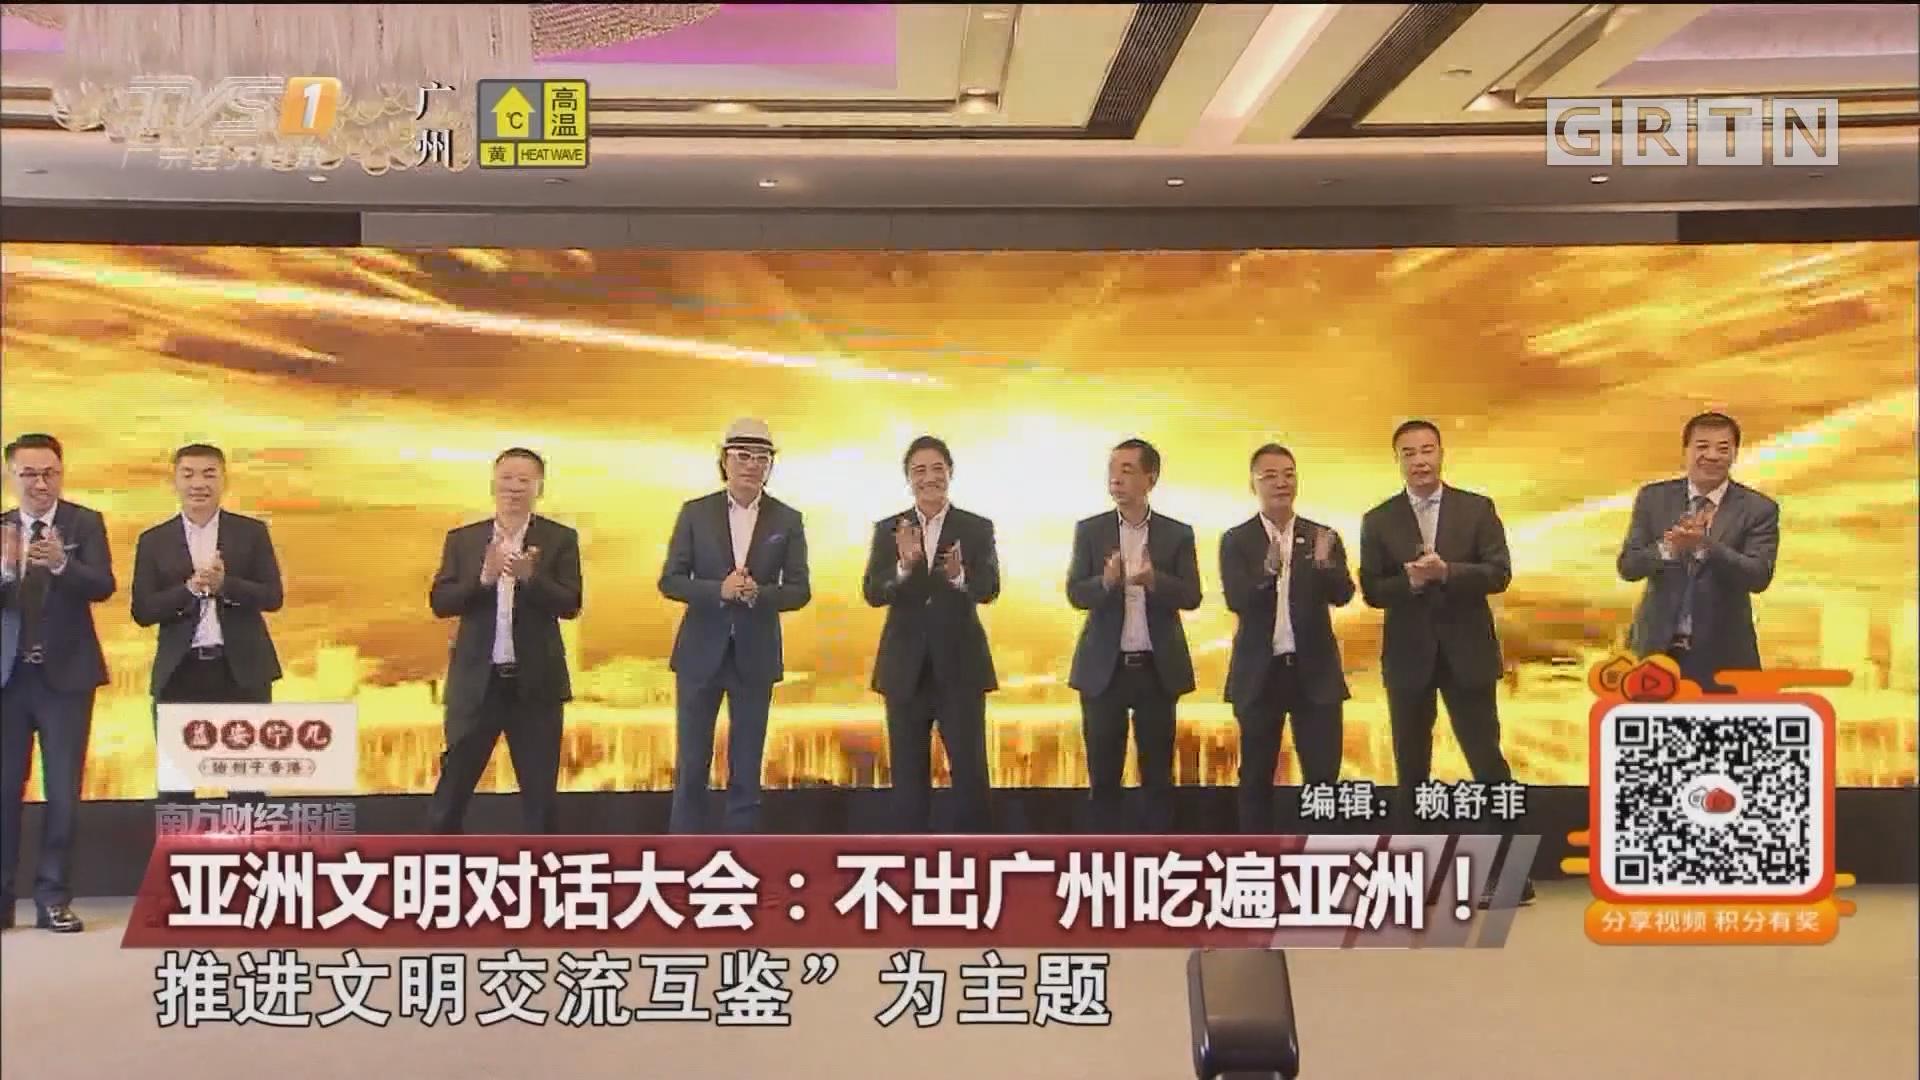 亚洲文明对话大会:不出广州吃遍亚洲!